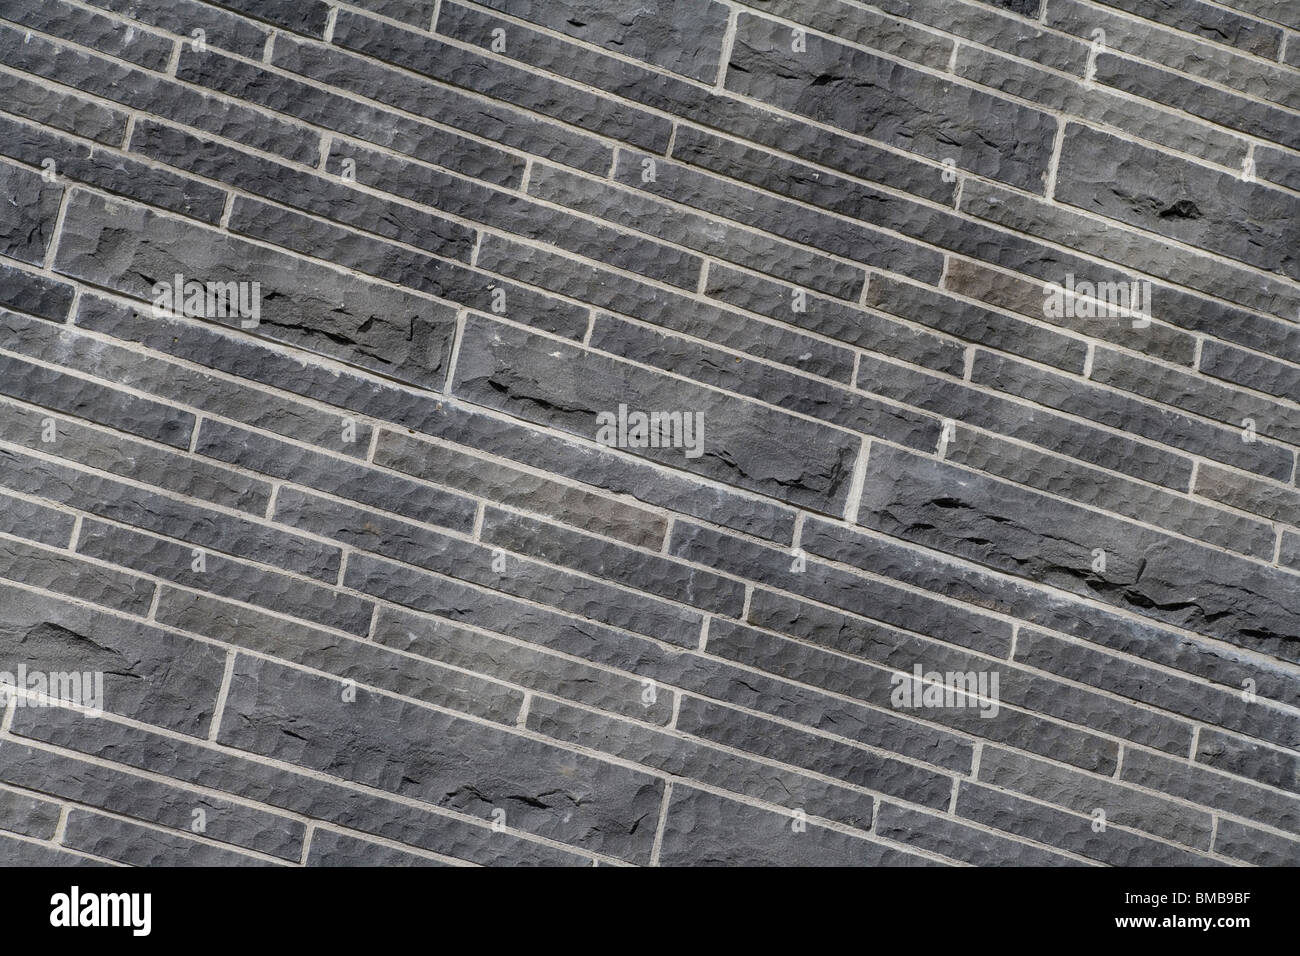 Muro de piedra cerca de fondo Imagen De Stock